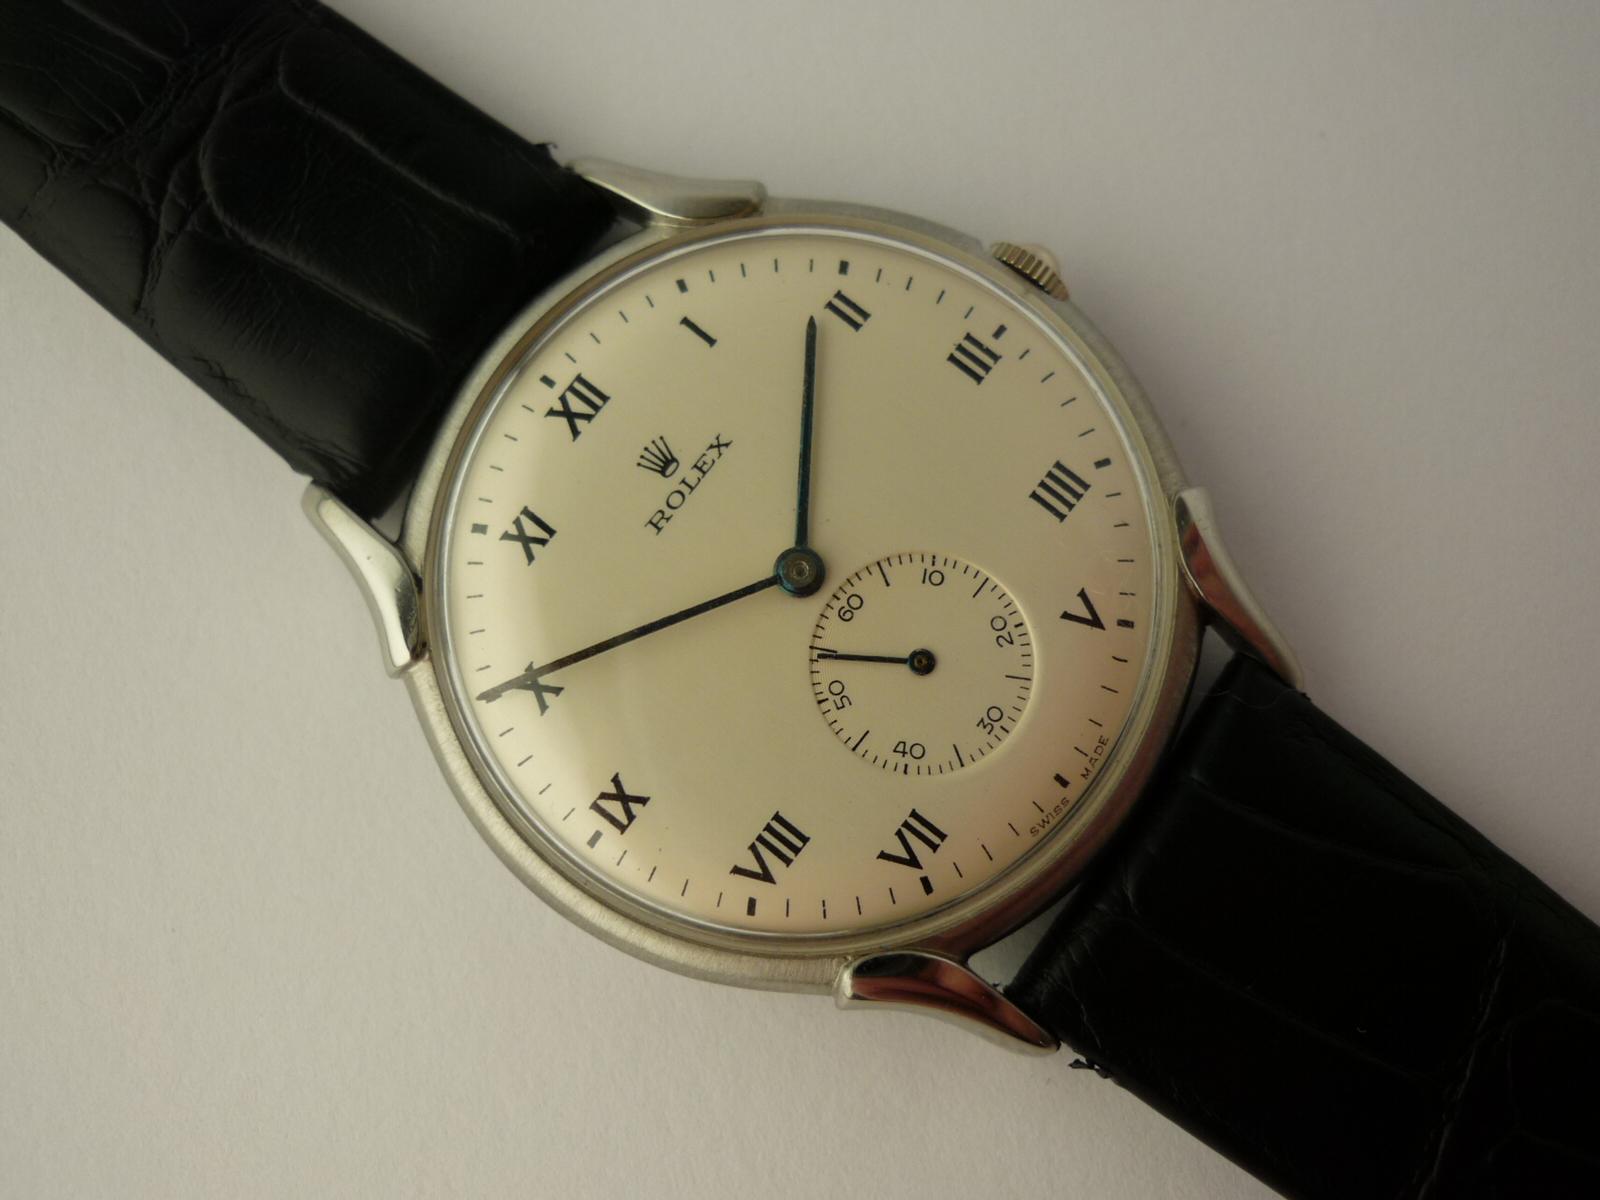 Vintage Rolex Precision watch ref 4498 (1948)